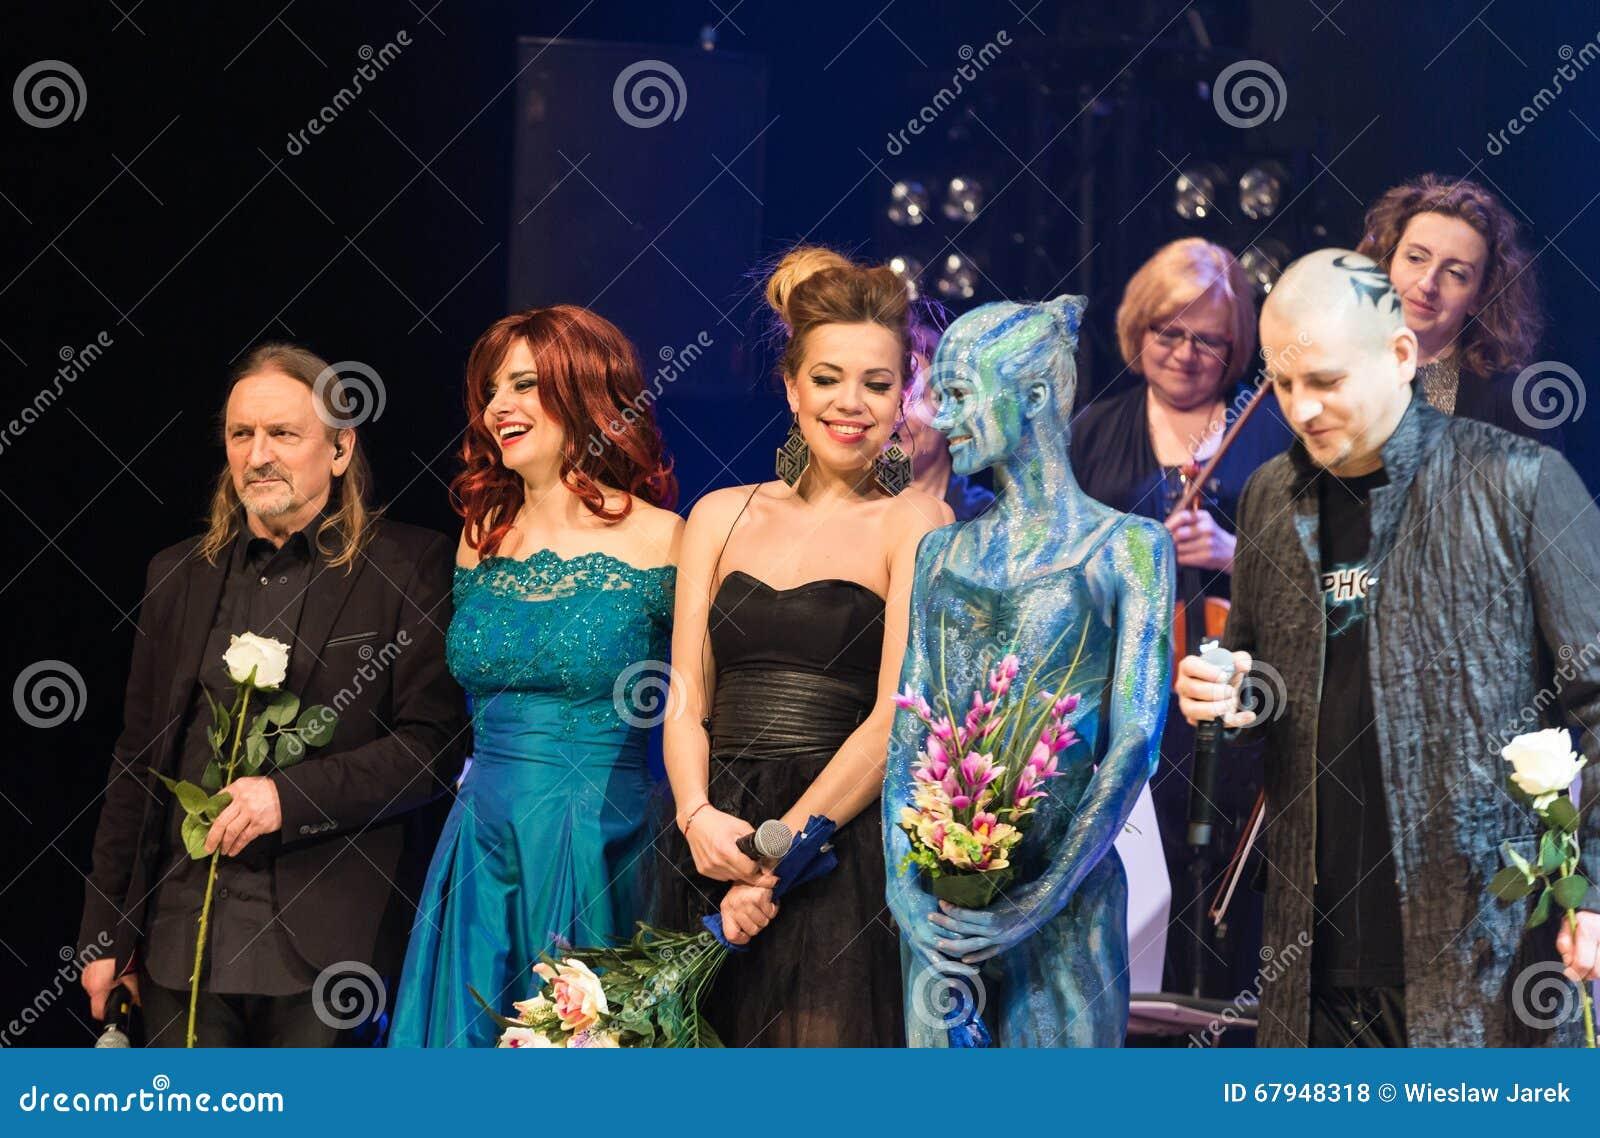 Symphonica - widowisko z muzyką Metallica, nirwana, Perełkowy dżem, Zgłębia - purpury, AC/DC, Aerosmith